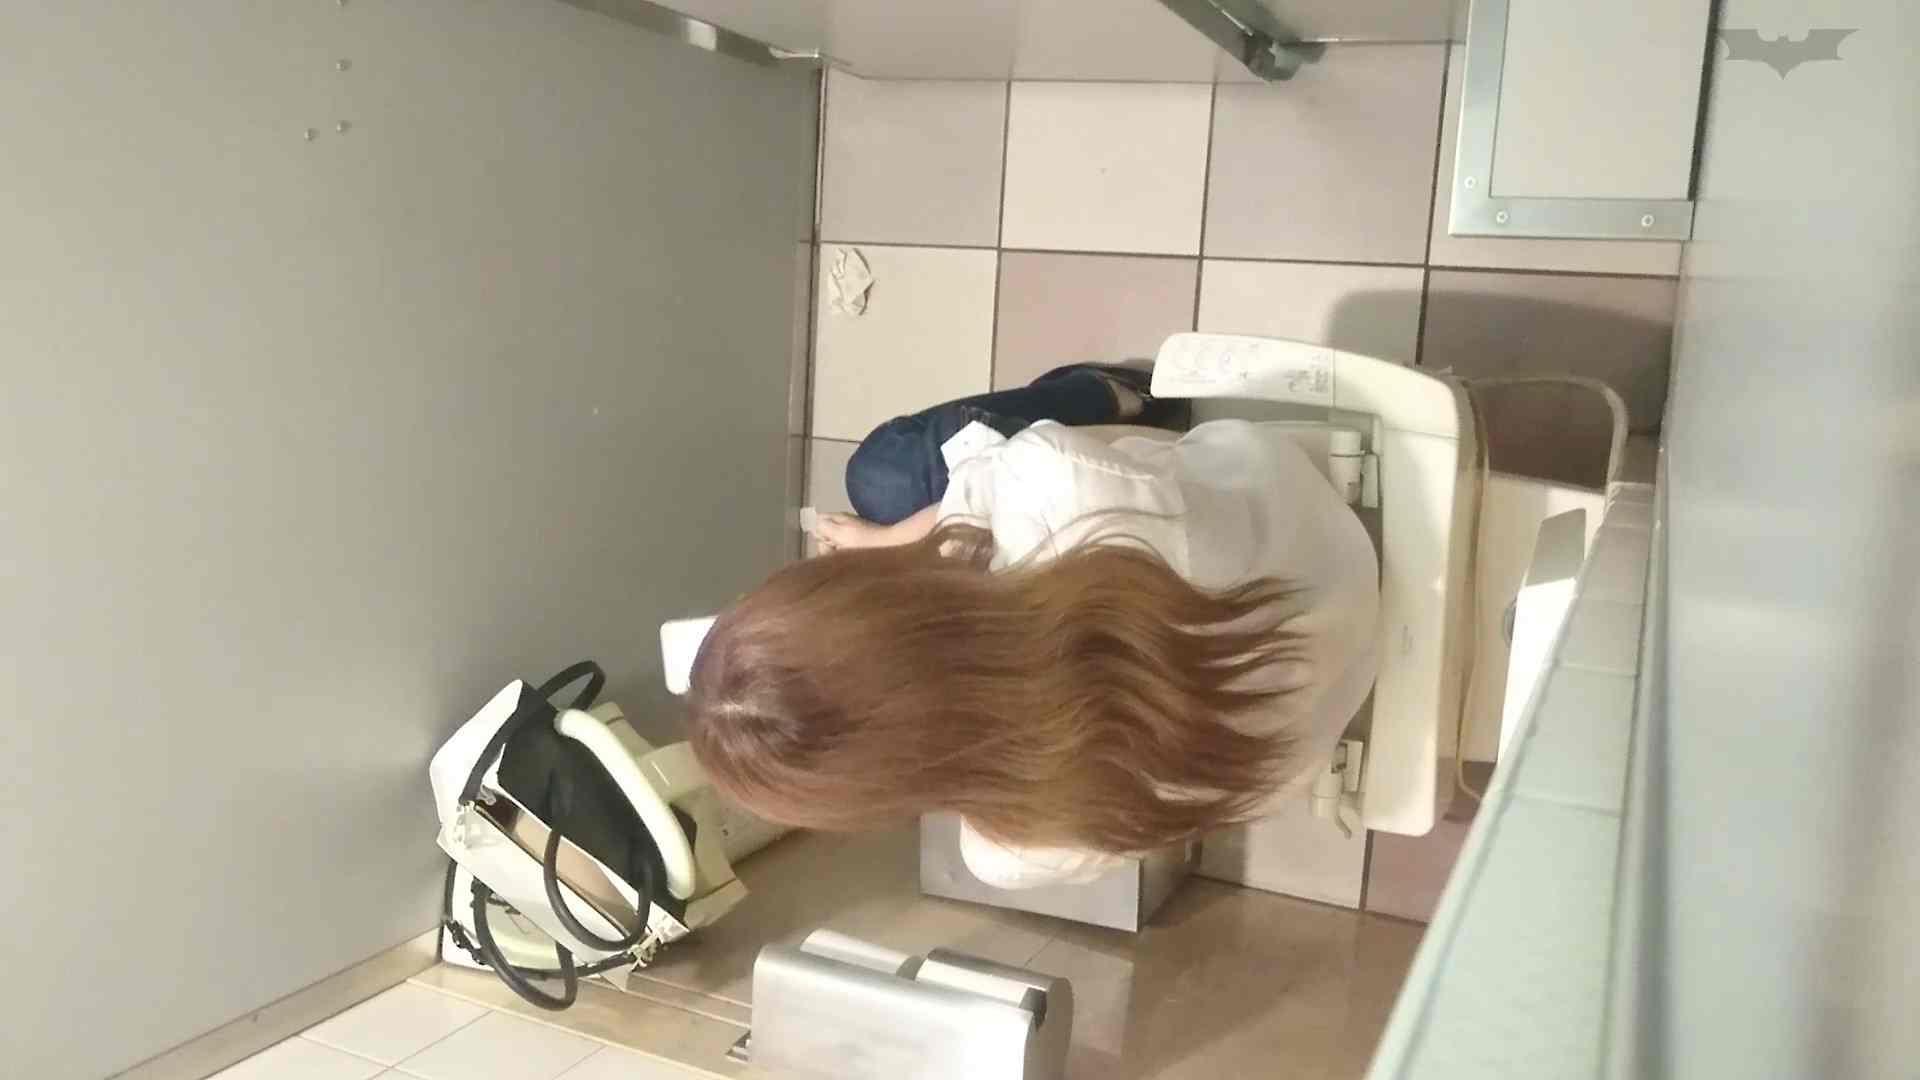 化粧室絵巻 ショッピングモール編 VOL.24 美肌 スケベ動画紹介 109枚 59